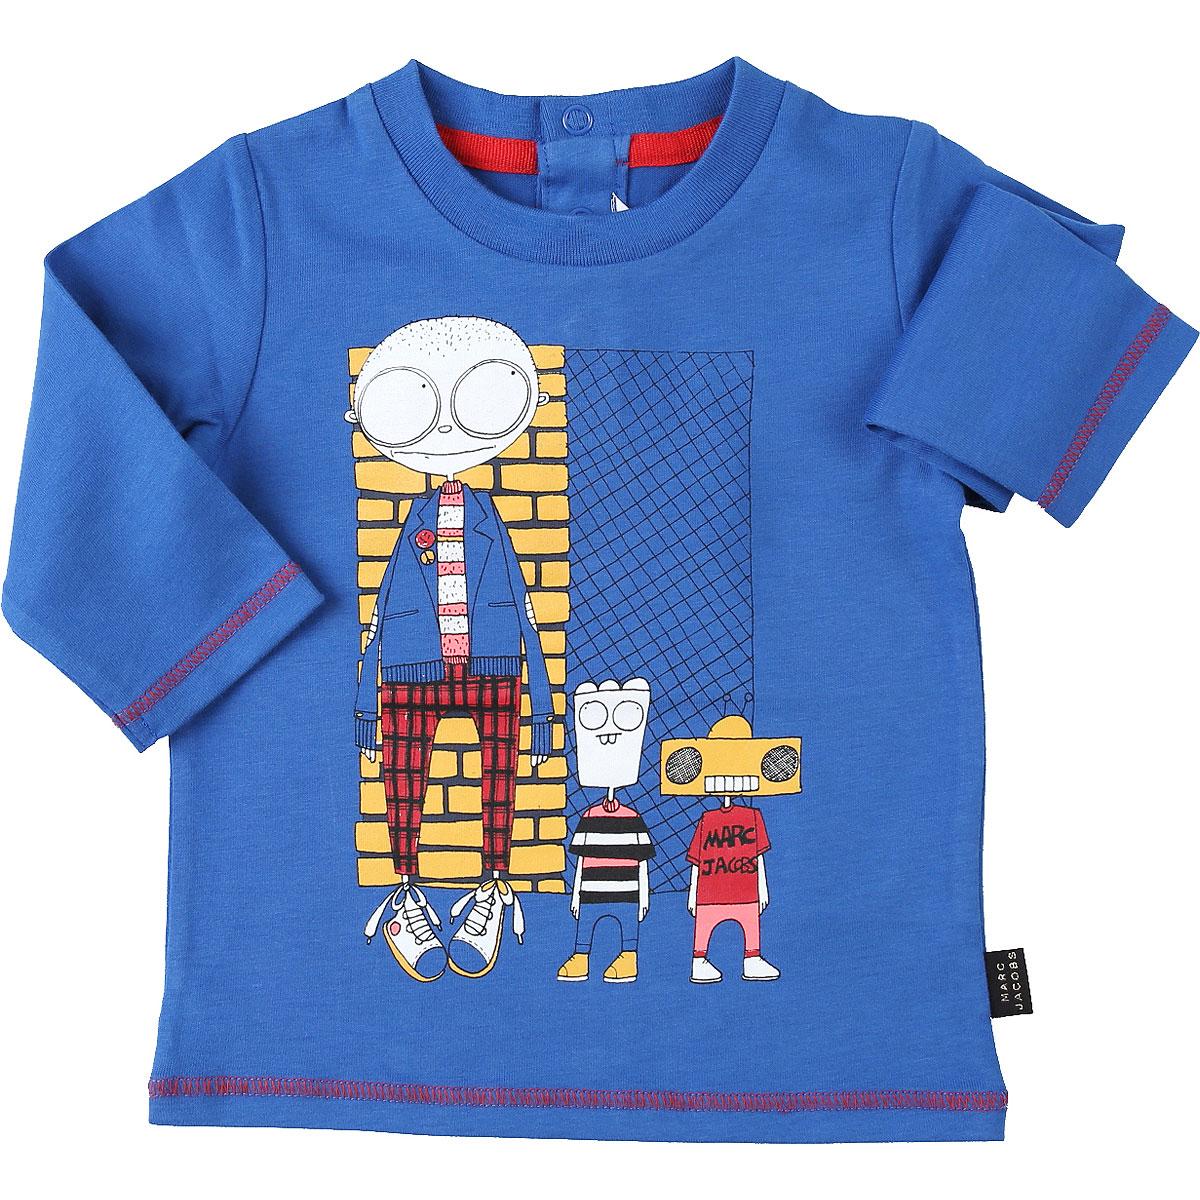 Marc Jacobs Baby T-Shirt for Boys On Sale, Bluette, Cotton, 2019, 12 M 18M 6M 9M